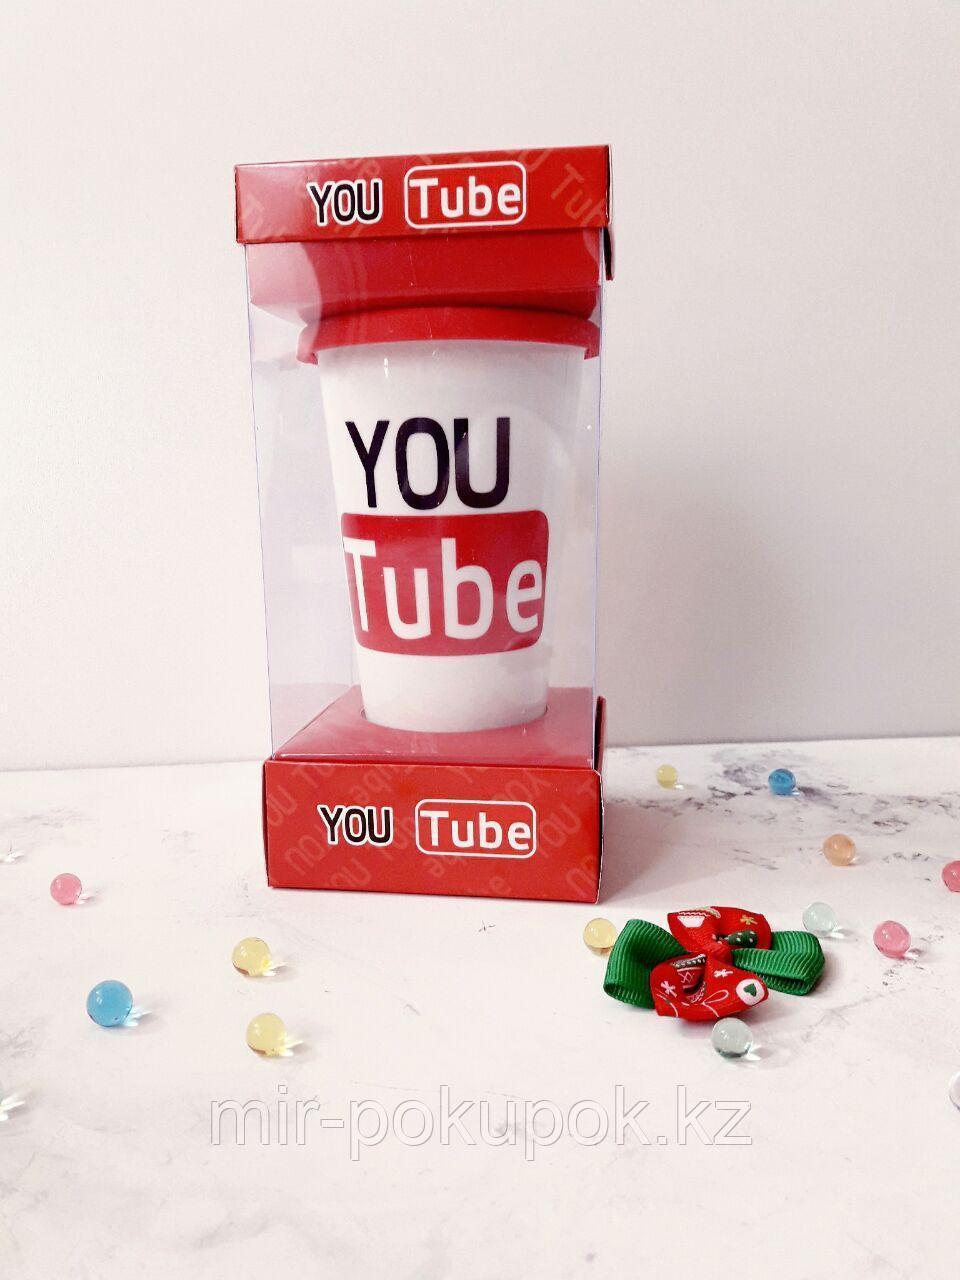 Кружка керамическая с силиконовой крышкой с поилкой Youtube, Алматы